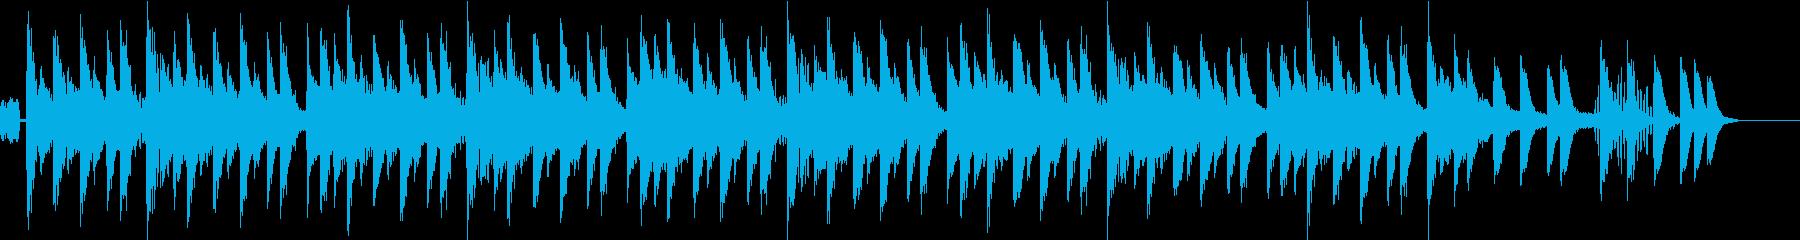 ホイッスル/生き物の遊び 30秒BGMの再生済みの波形